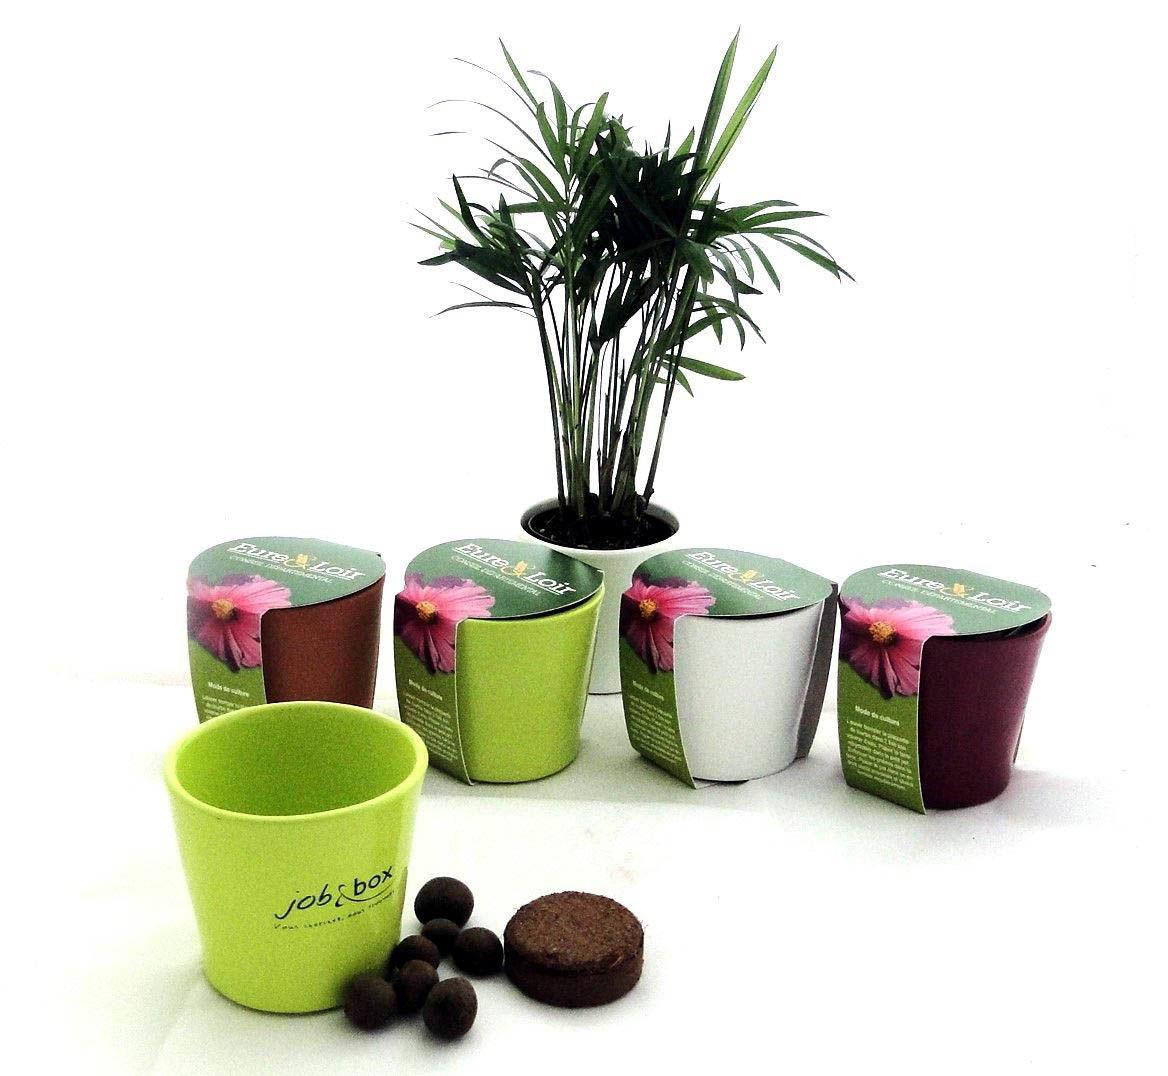 kit de plantation ceramique pour entreprise outils de jardinage publicitaires kelcom. Black Bedroom Furniture Sets. Home Design Ideas